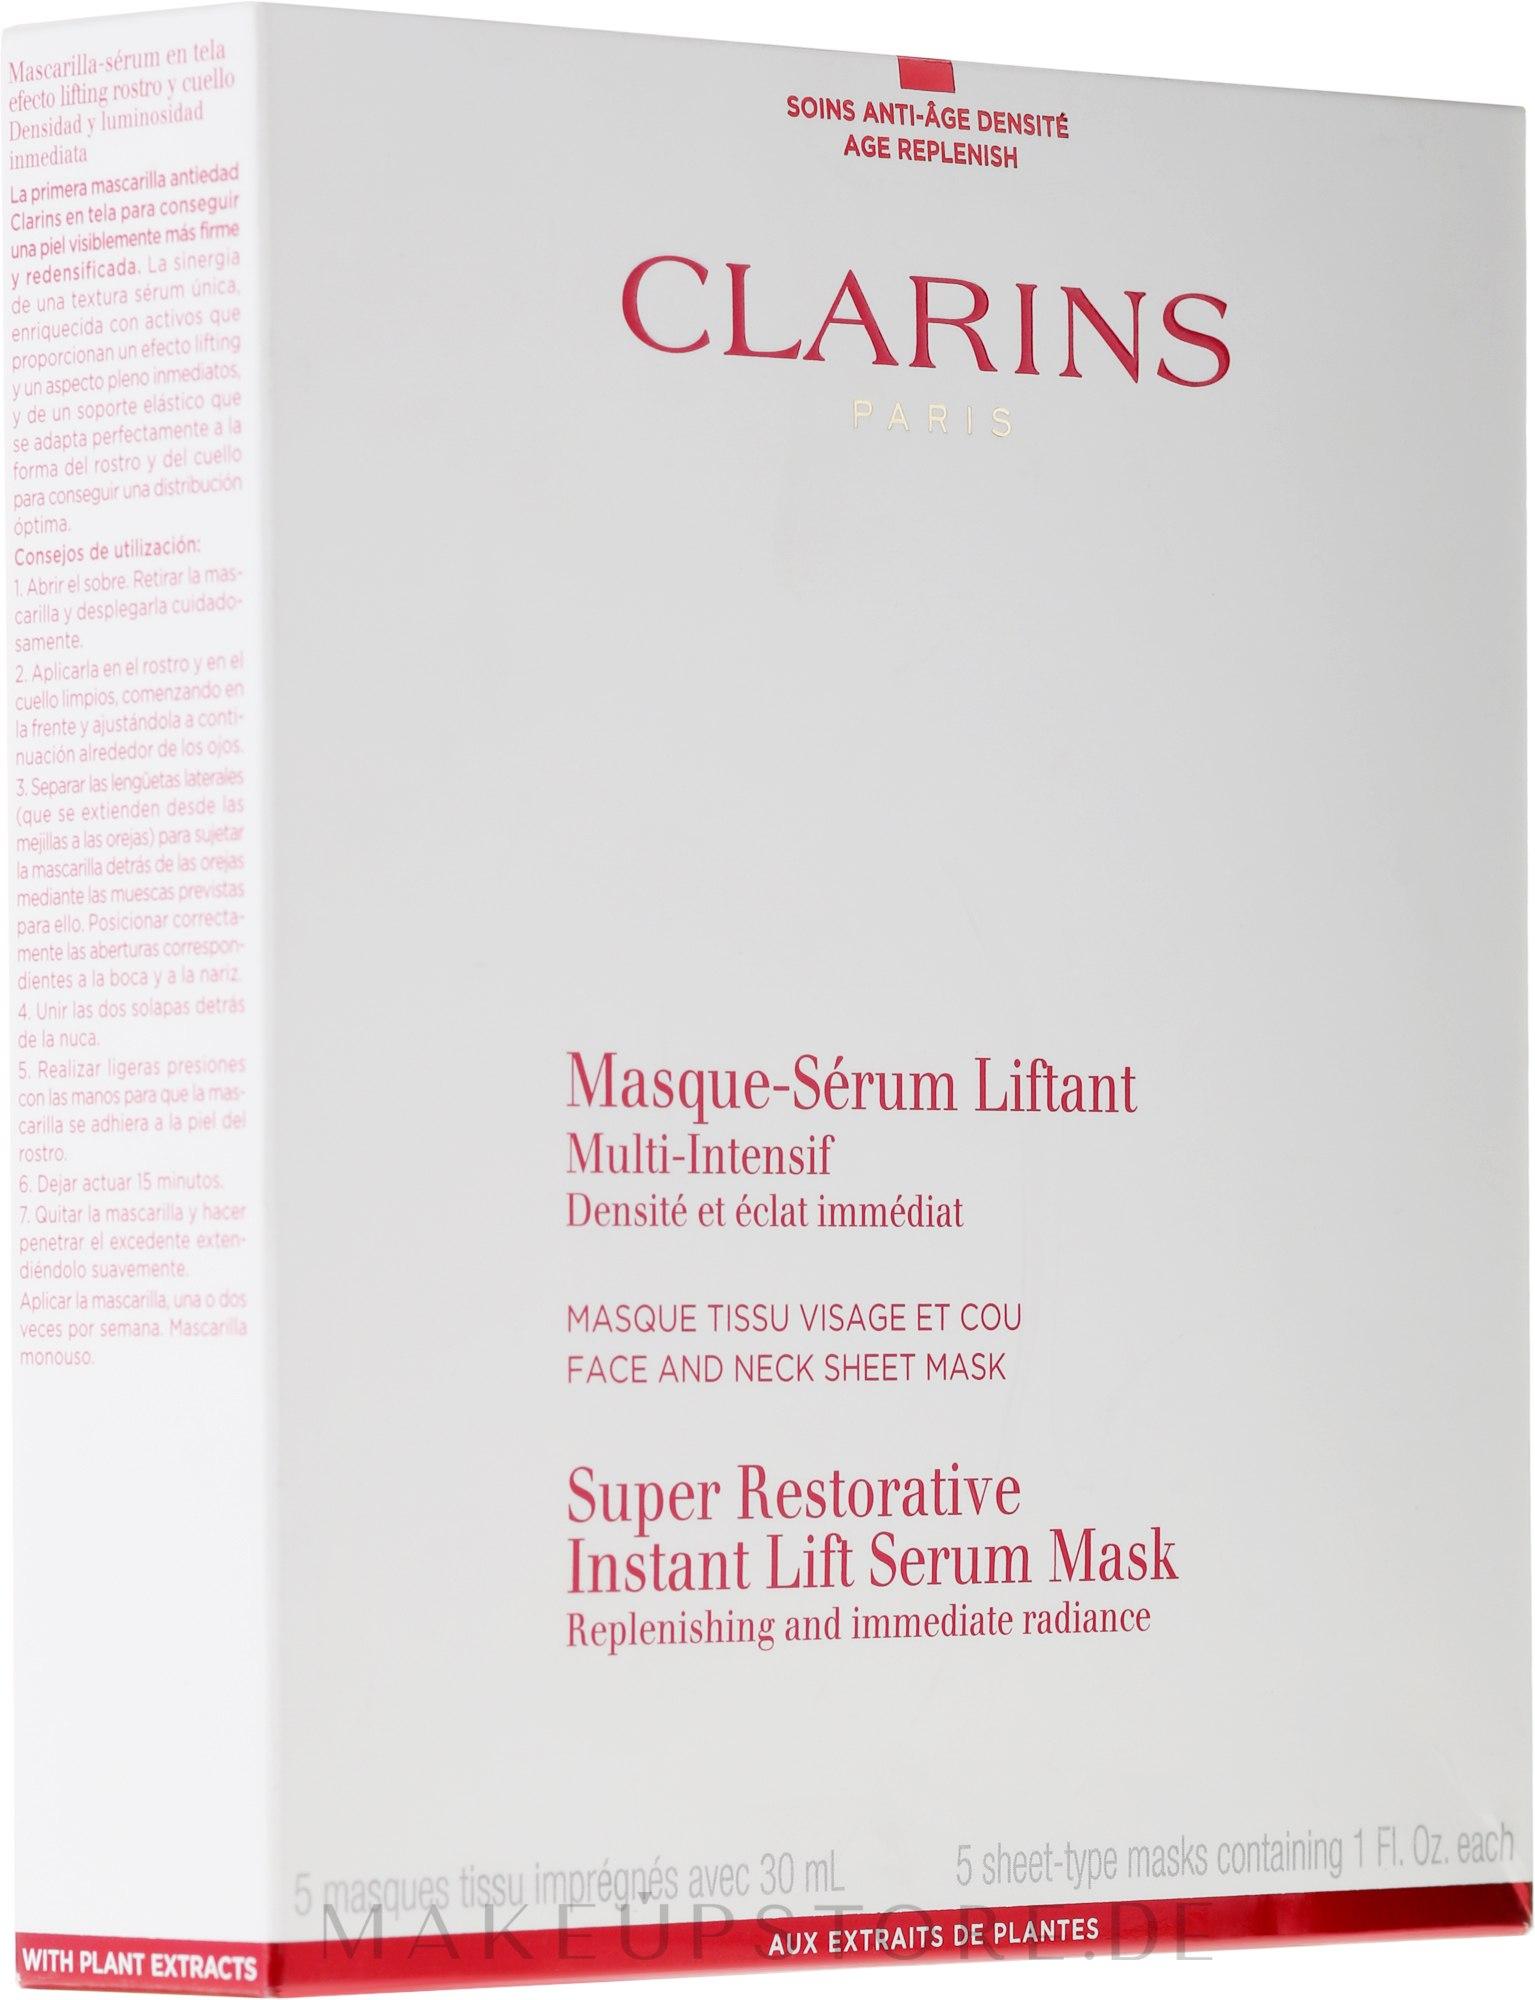 Vliesmaske mit Glättungs- und Auffüllungseffekt für Gesicht und Hals - Clarins Restorative Instant Lift Serum Mask — Bild 5x30 ml